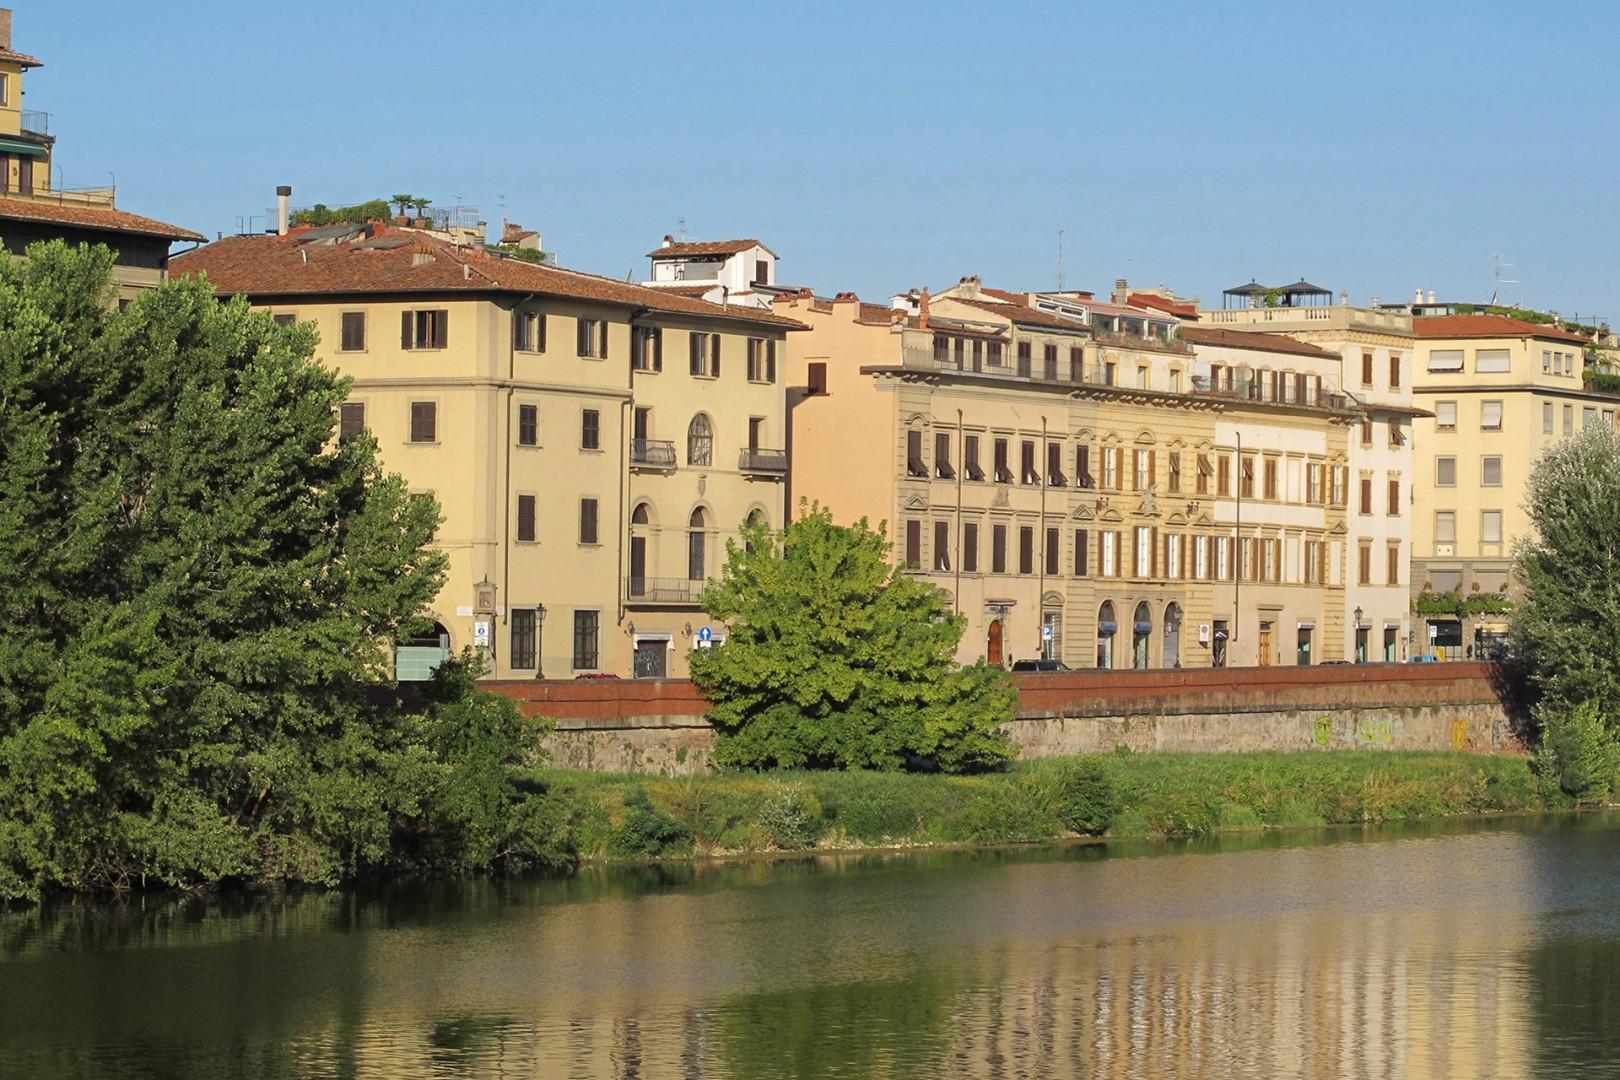 Lungarno Guicciardini invites a stroll.